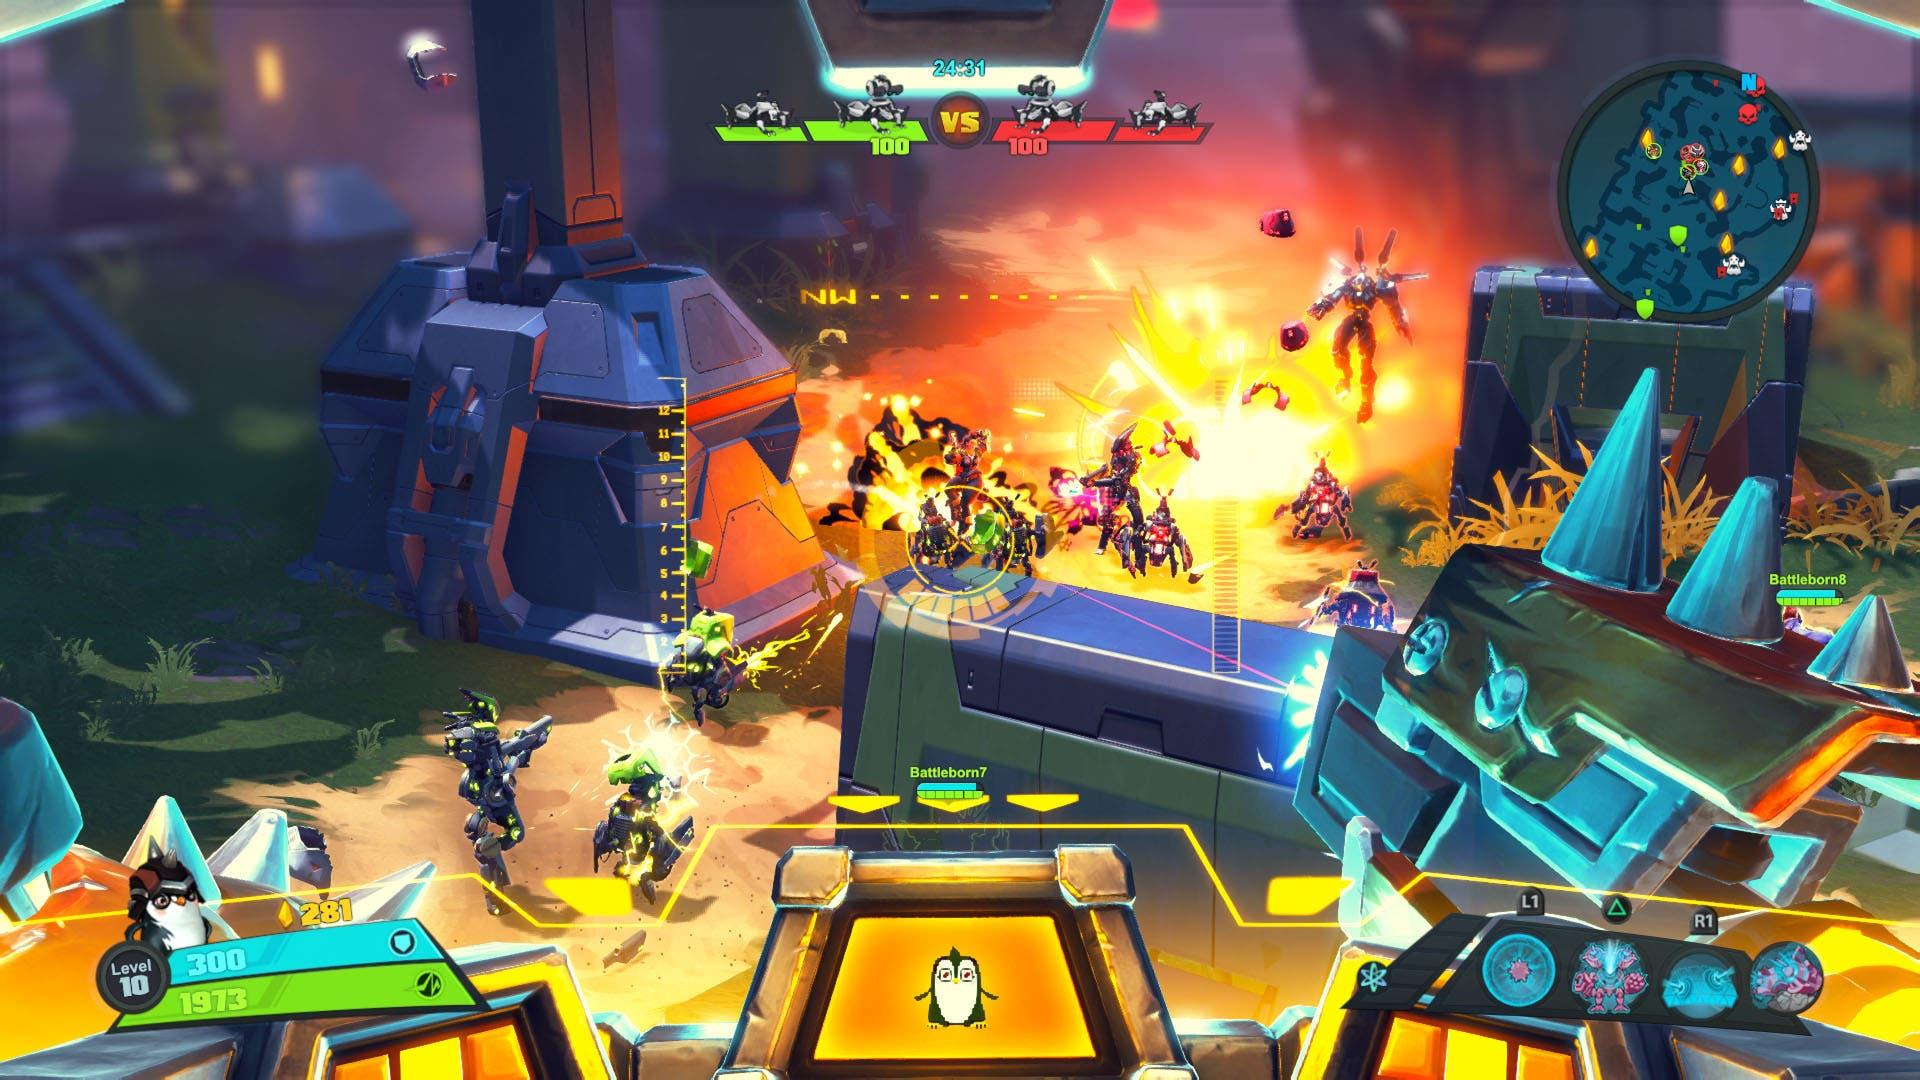 Battleborn-review4